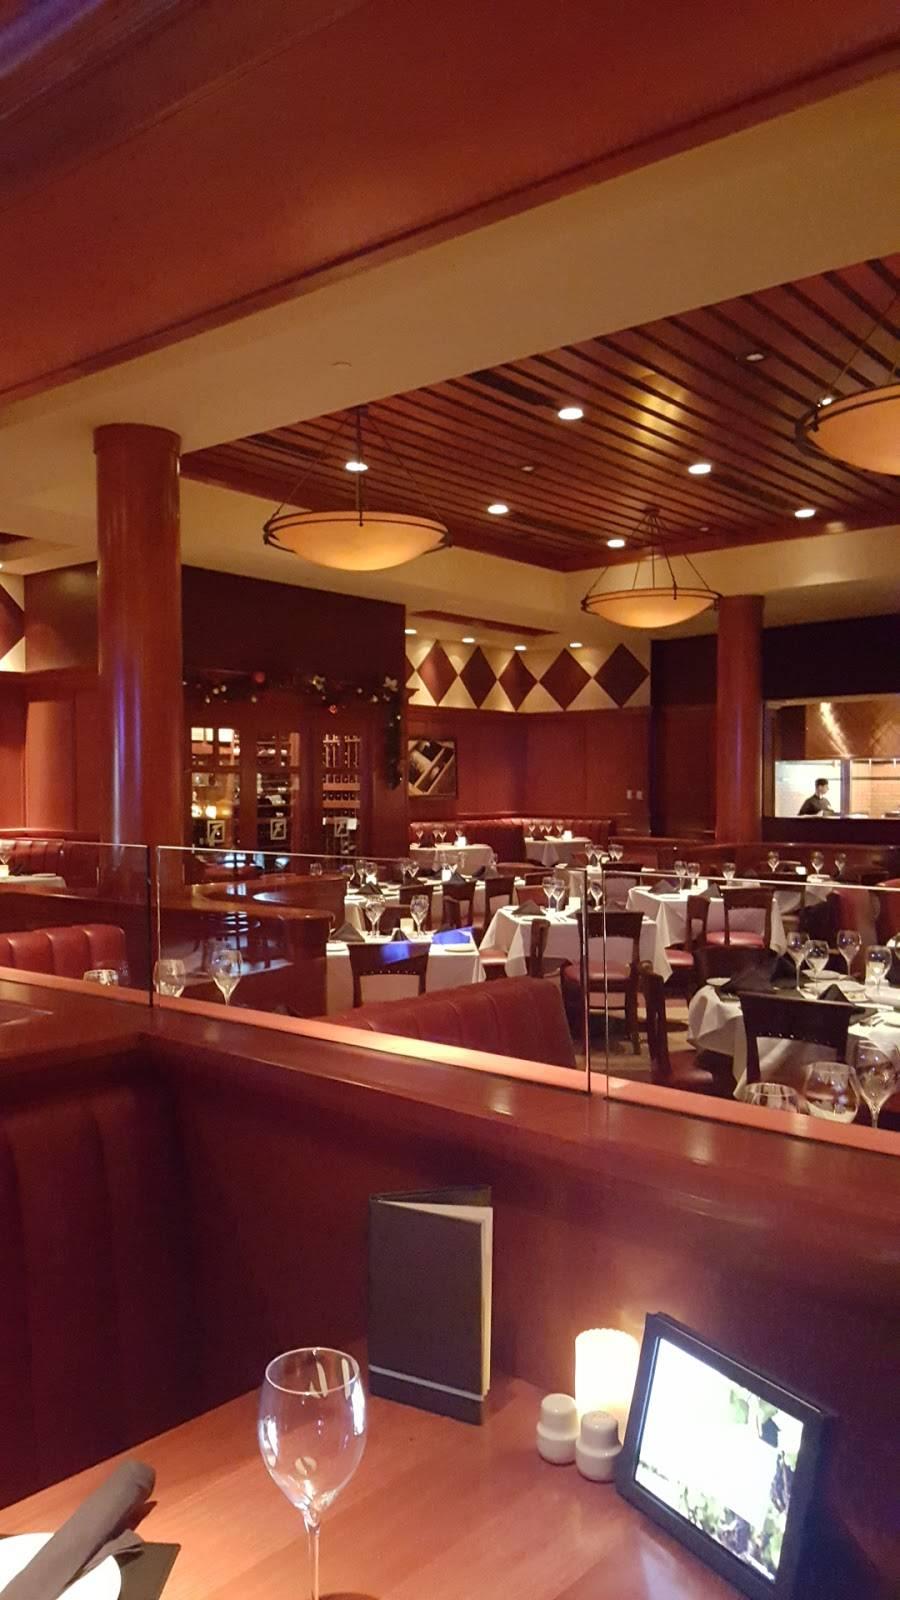 Flemings Prime Steakhouse & Wine Bar   restaurant   4000 Medina Rd, Akron, OH 44333, USA   3306705200 OR +1 330-670-5200